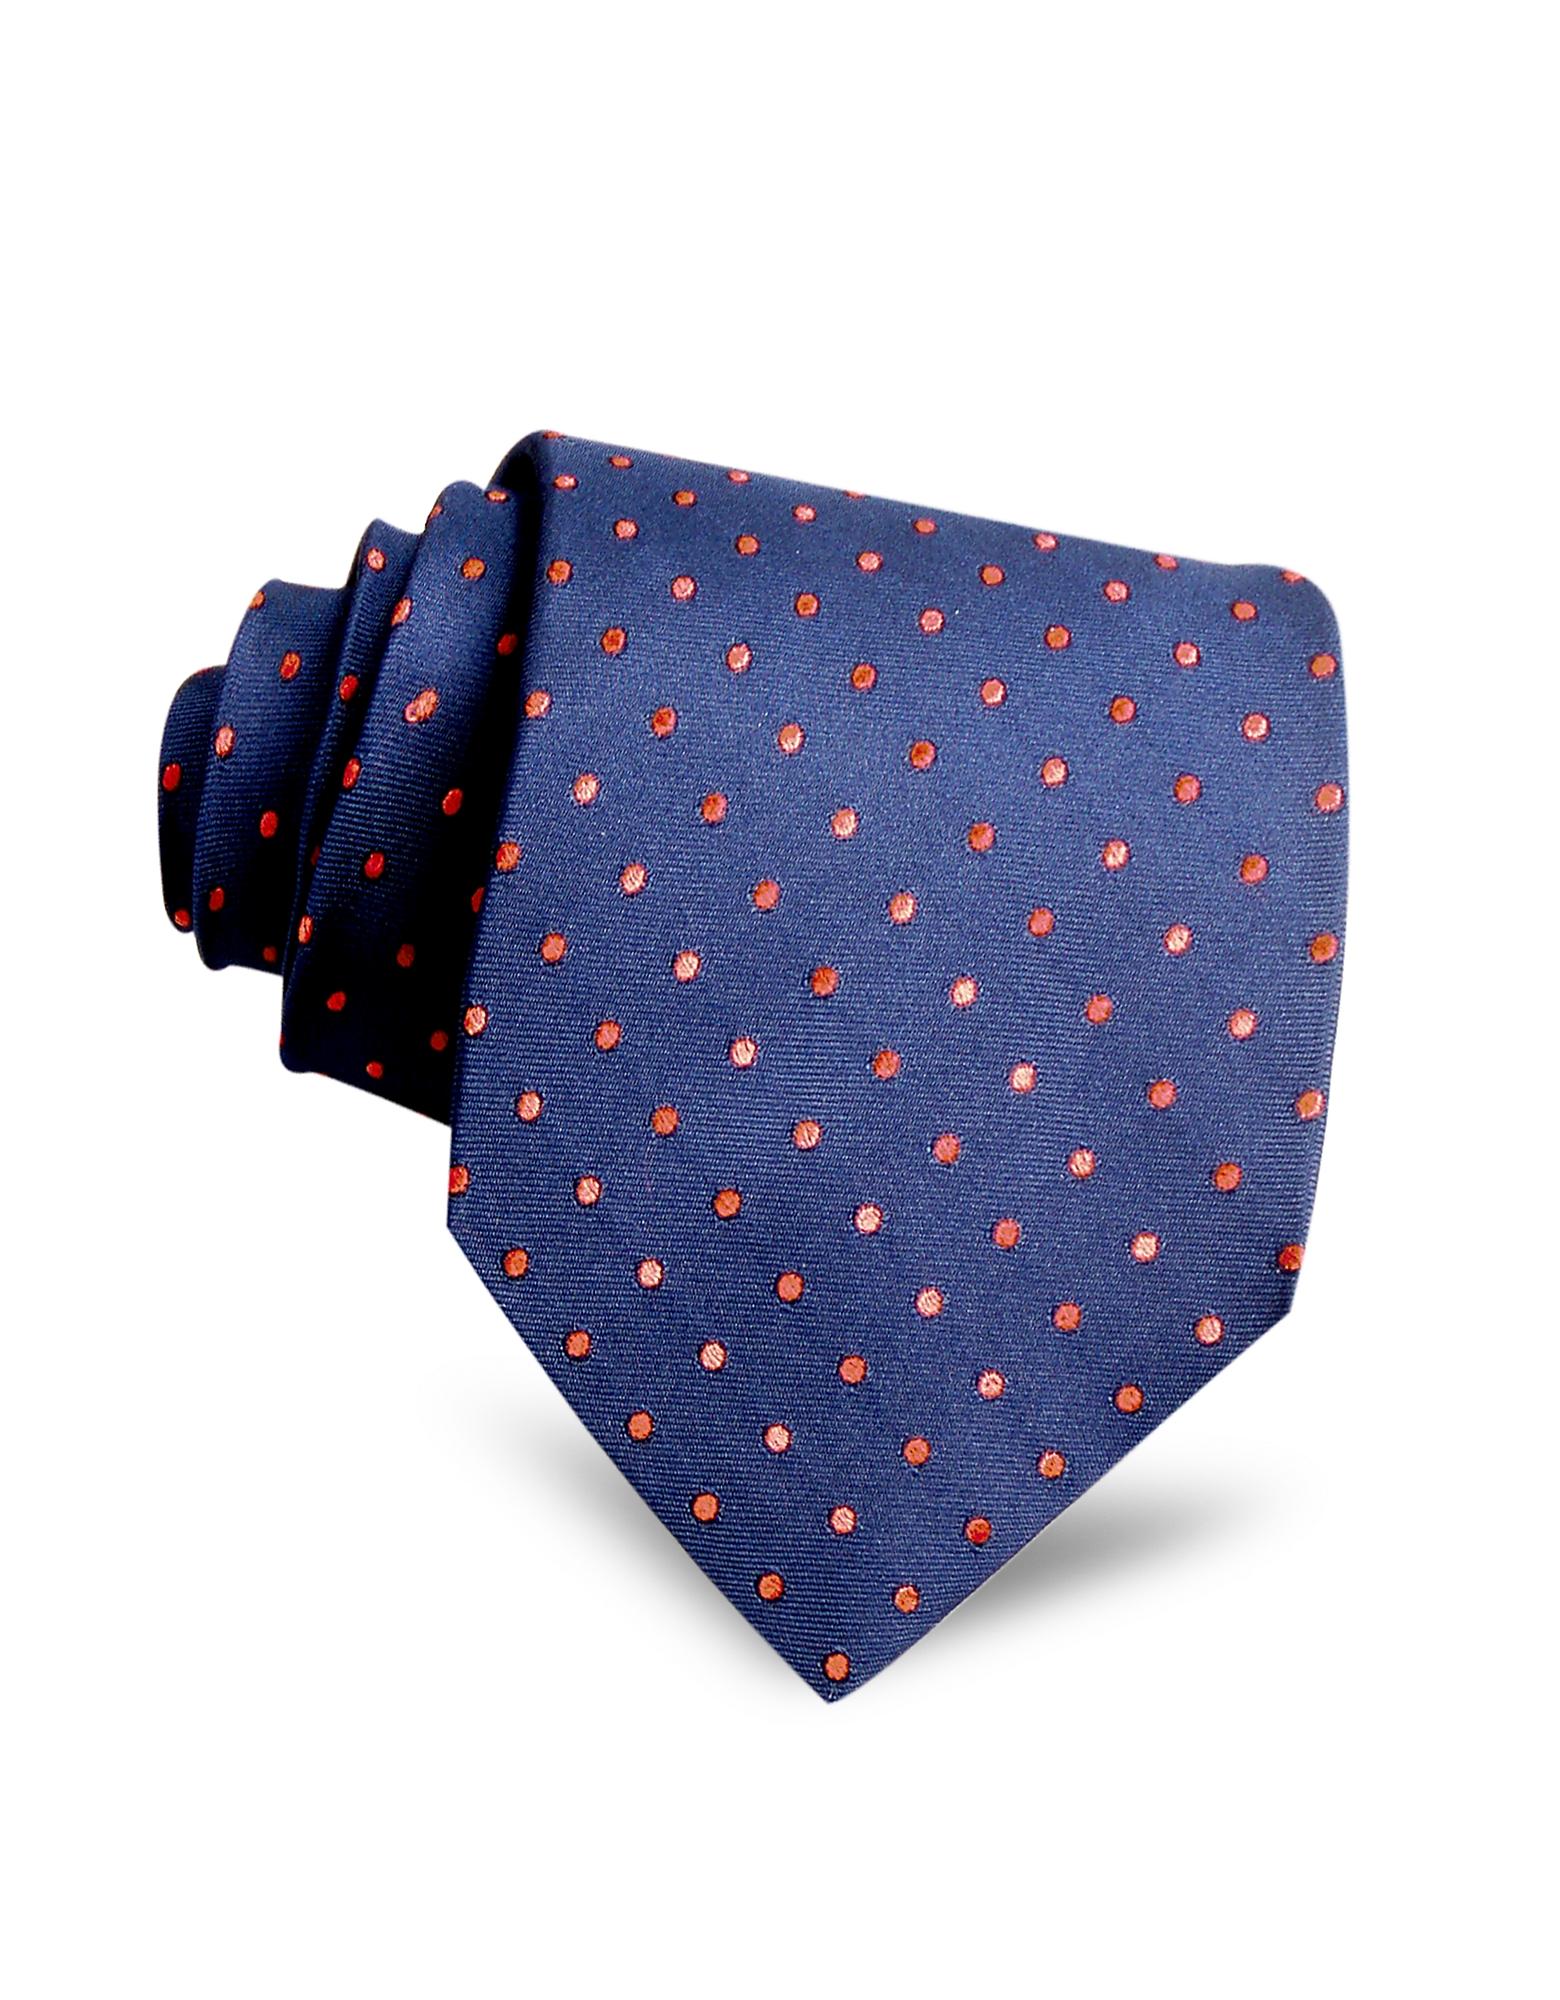 Villa Bolgheri Ties, Polkadots Woven Silk Tie